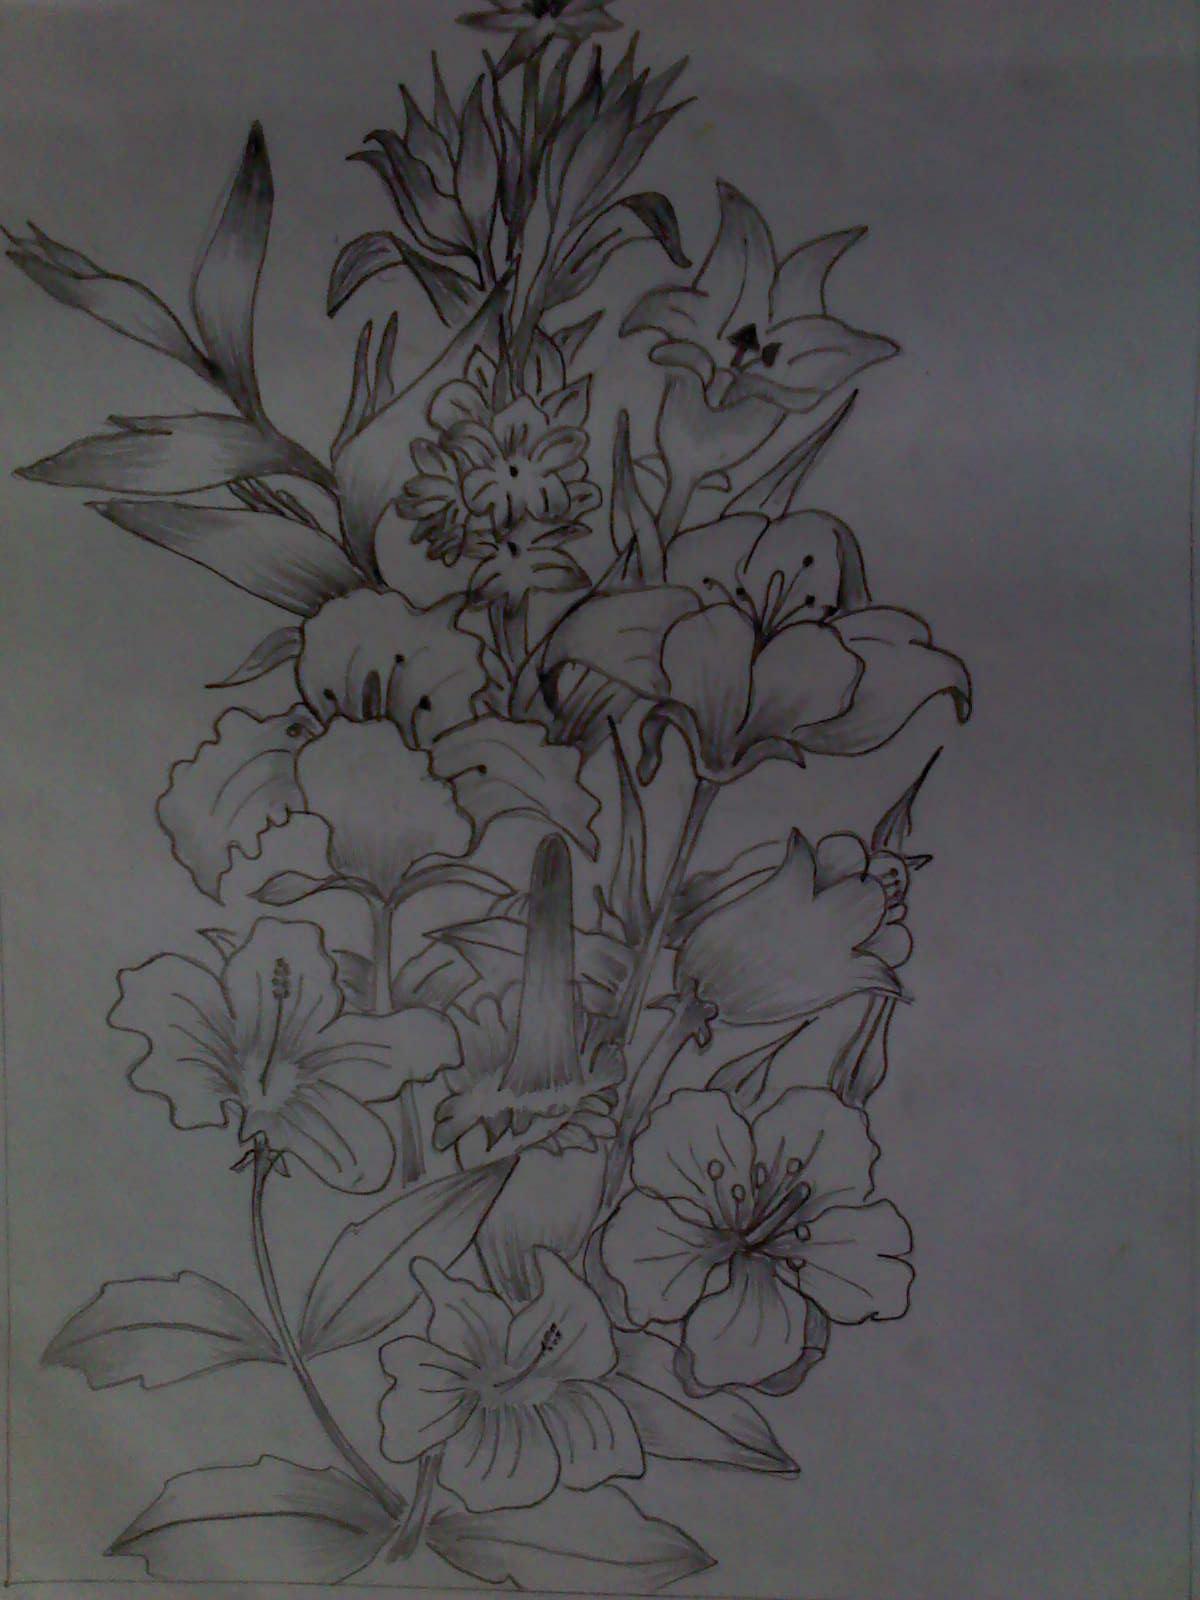 Galeri Sketsa Gambar Batik Bunga